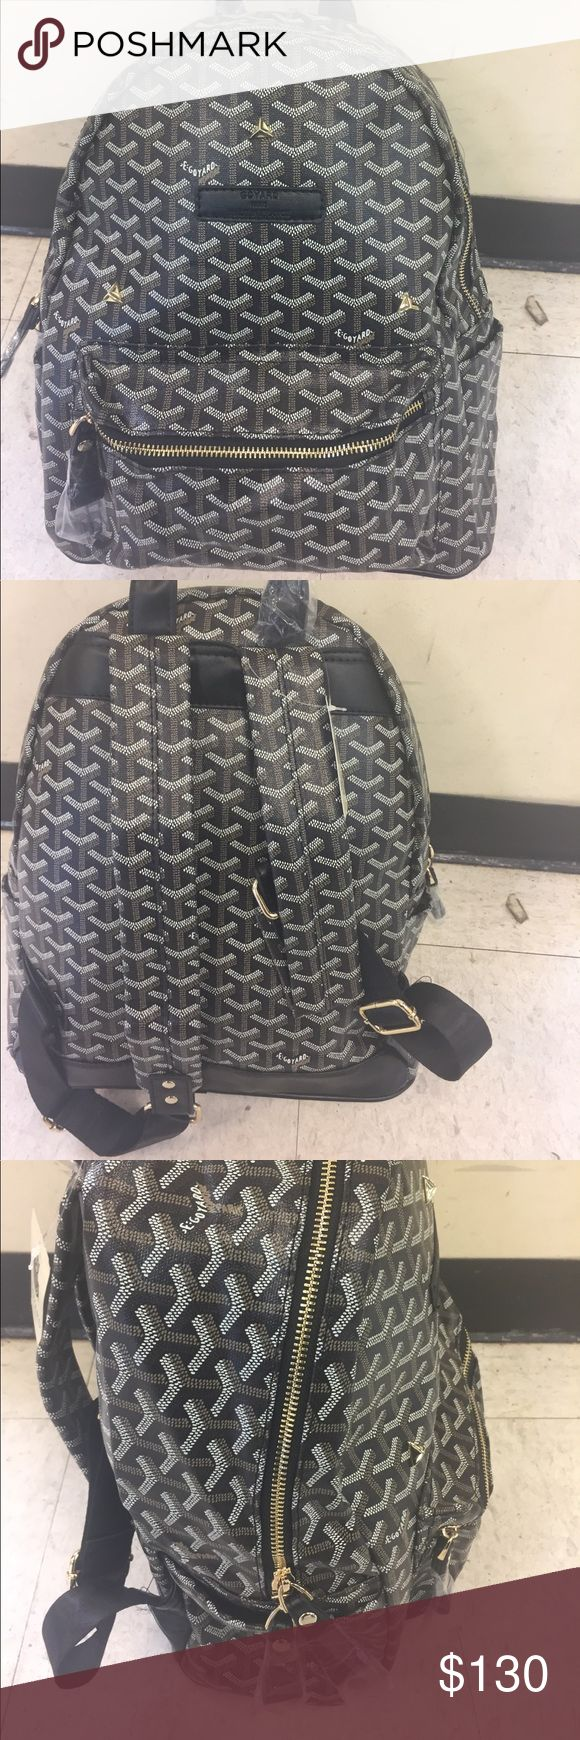 Goyard backpack New Bags Backpacks